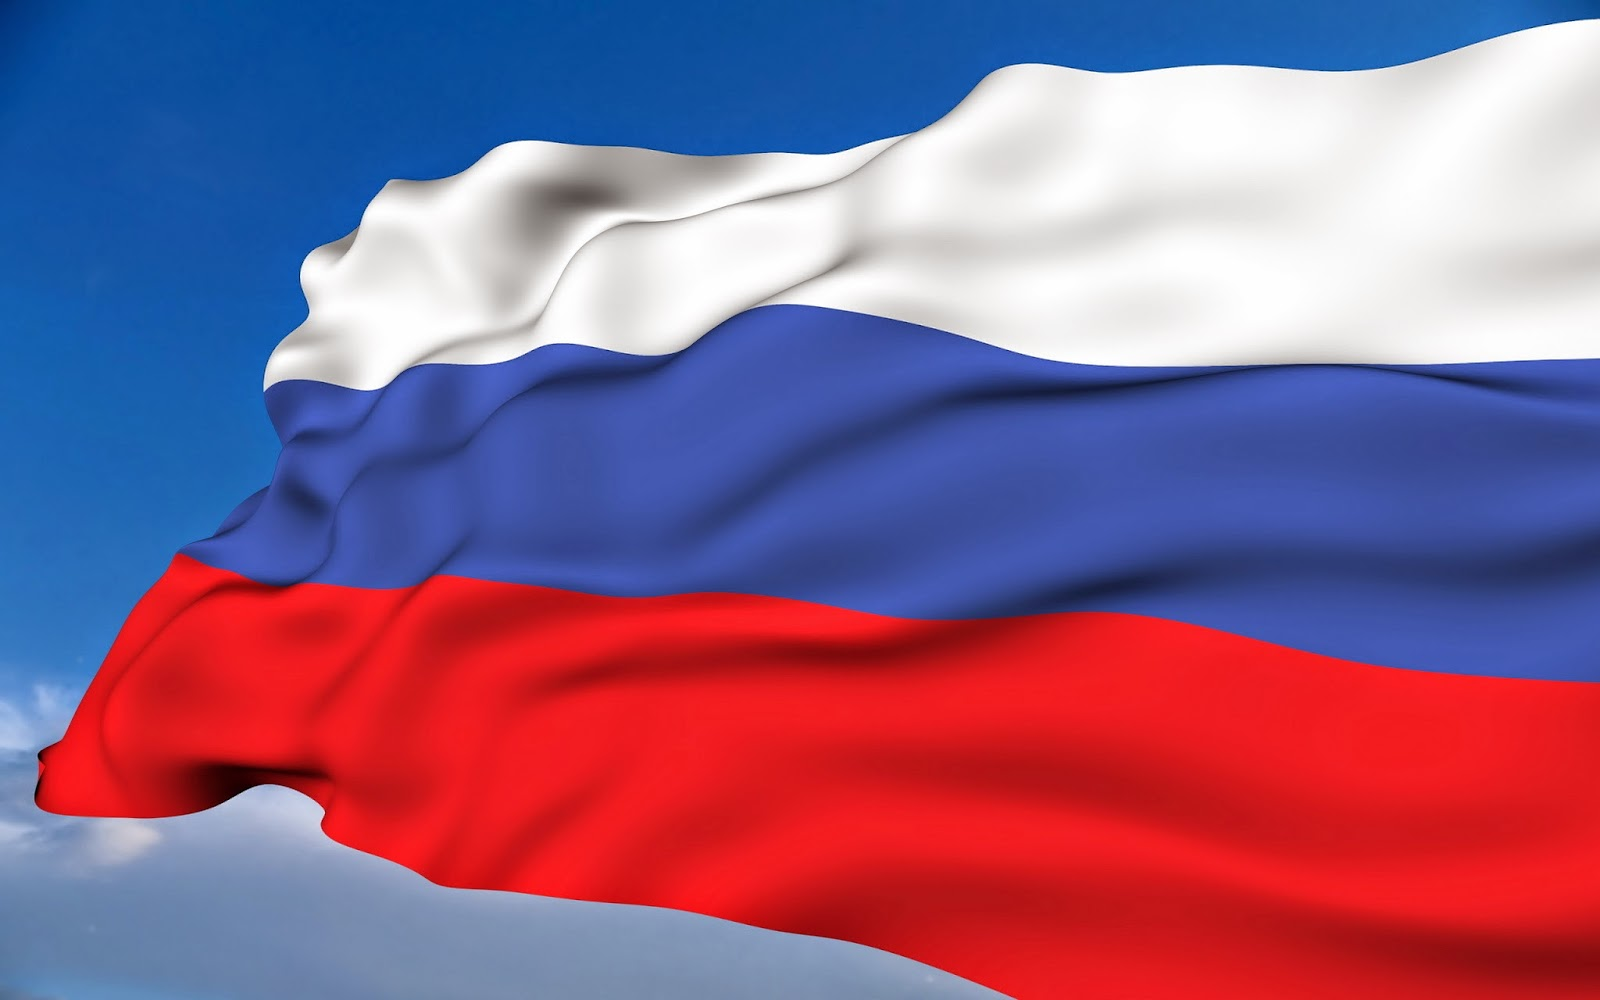 Картинки российской федерации